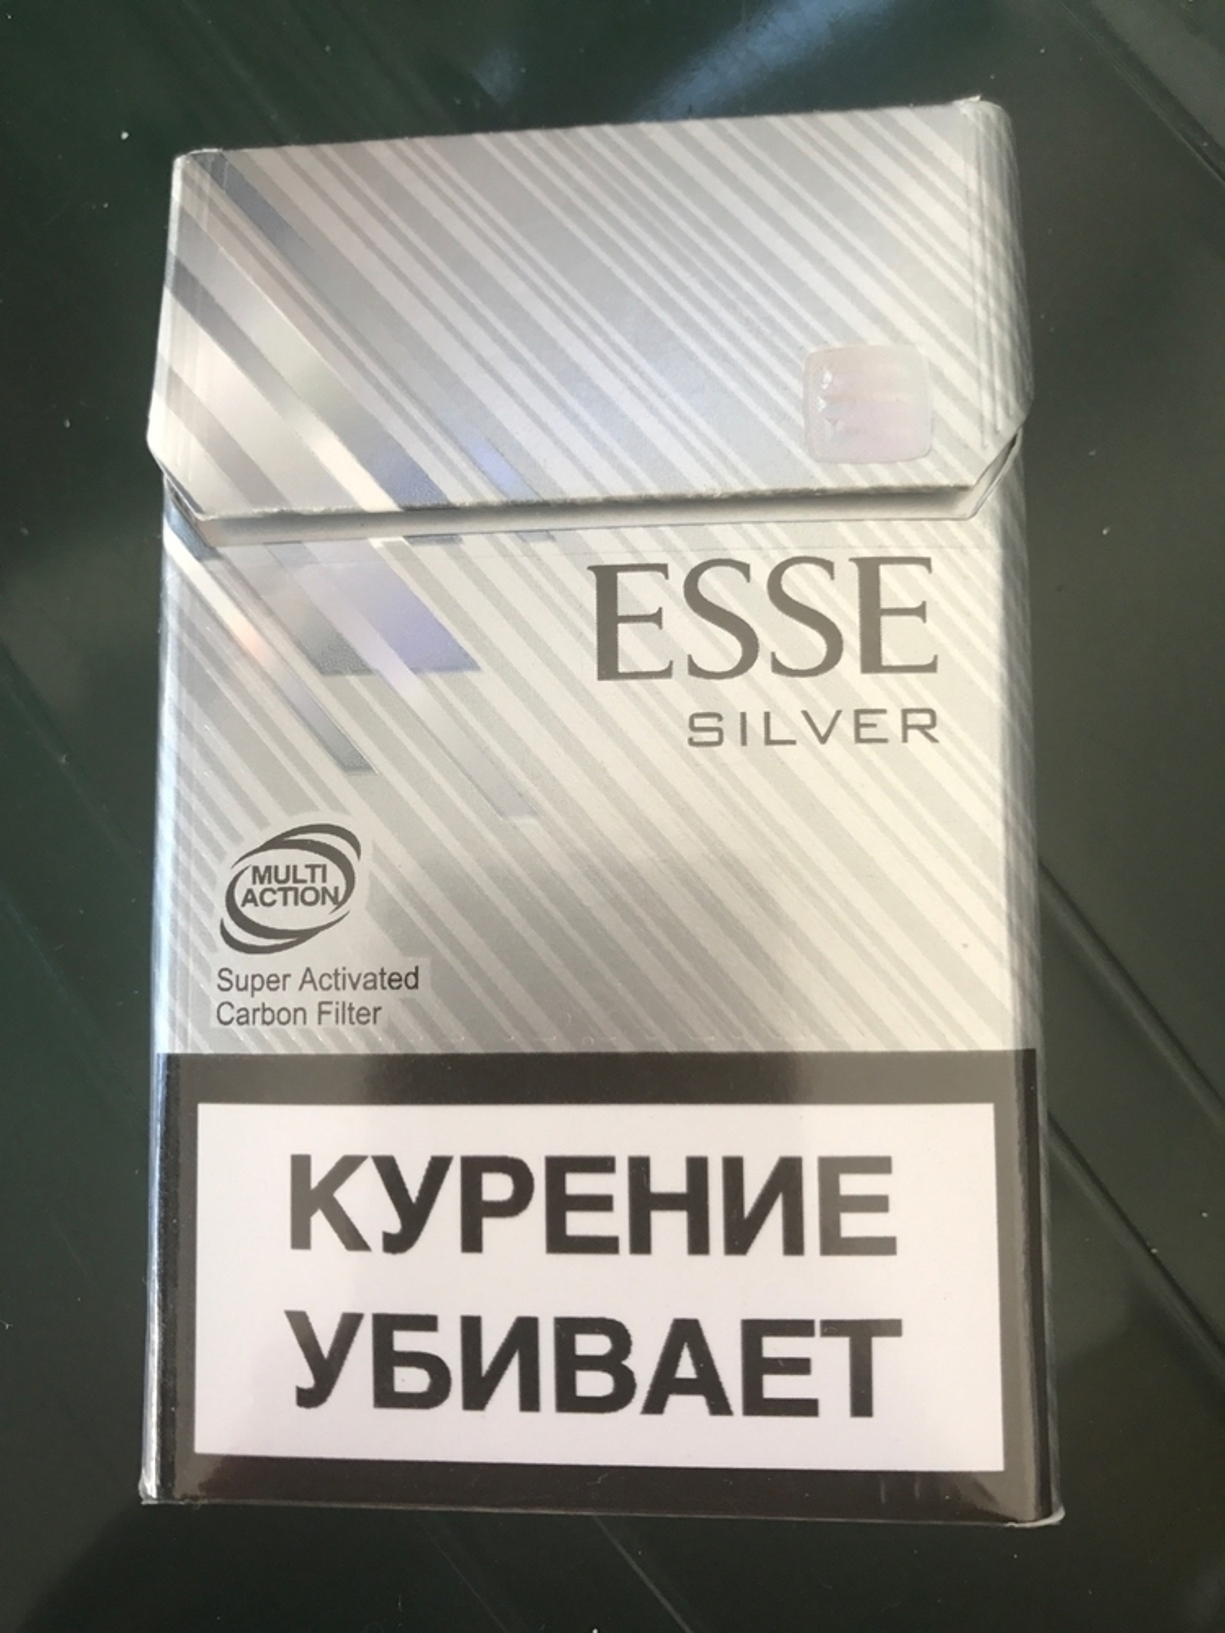 Блок сигарет купить esse купить электронные сигареты в архангельске